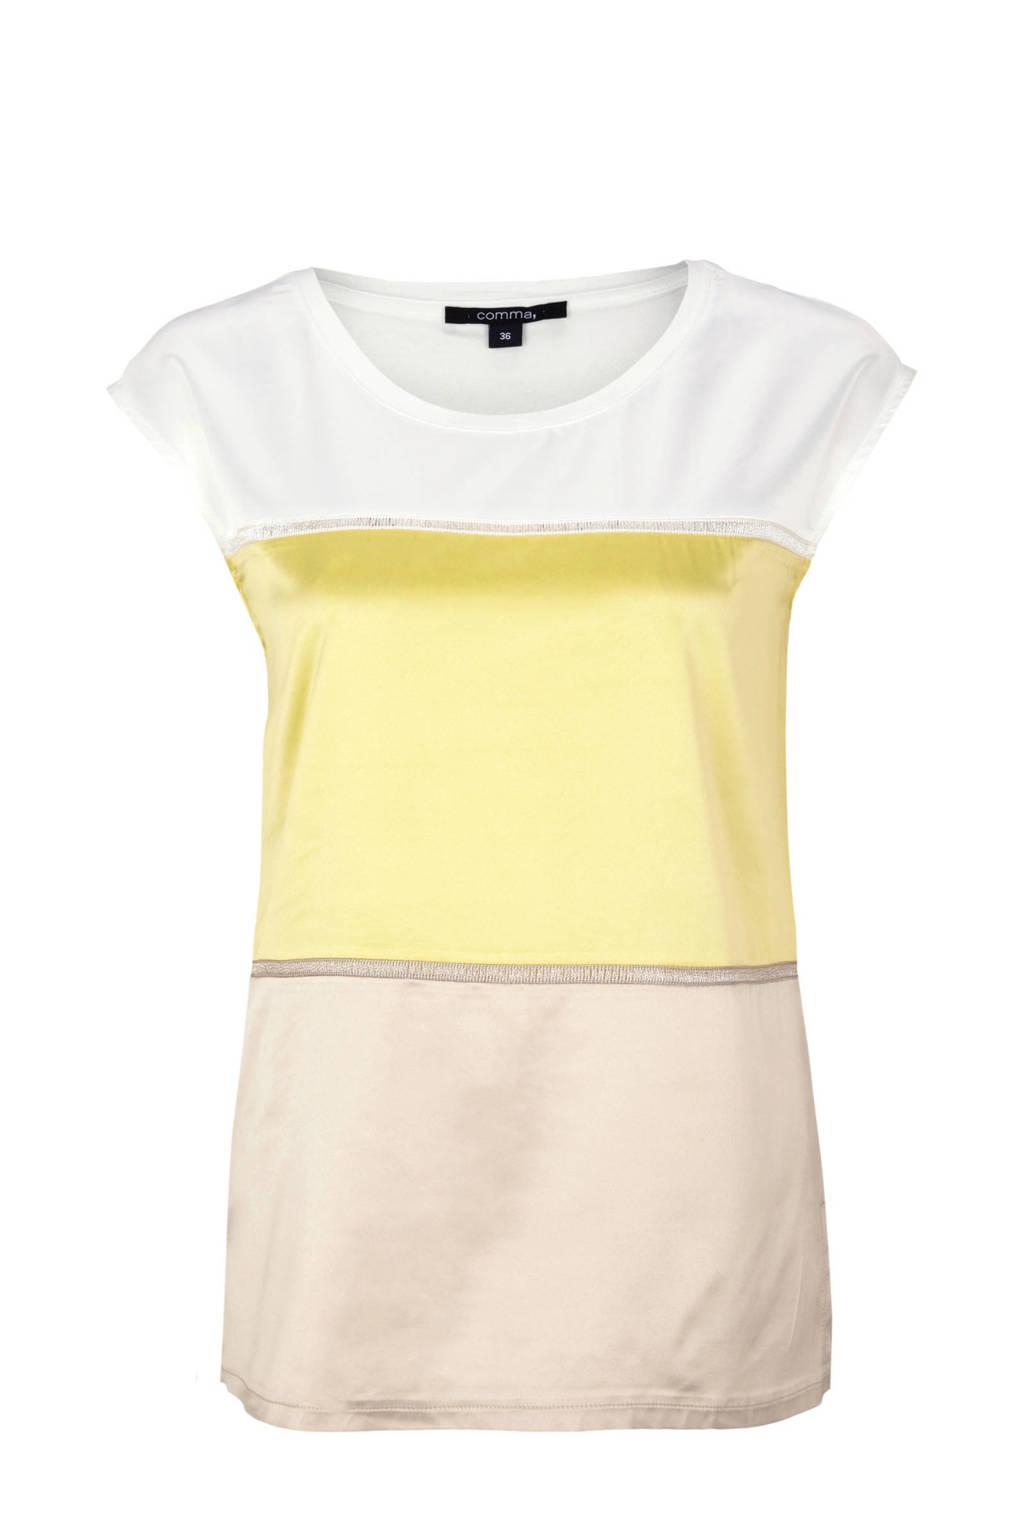 comma T-shirt 3-kleurig, wit/geel/bruin